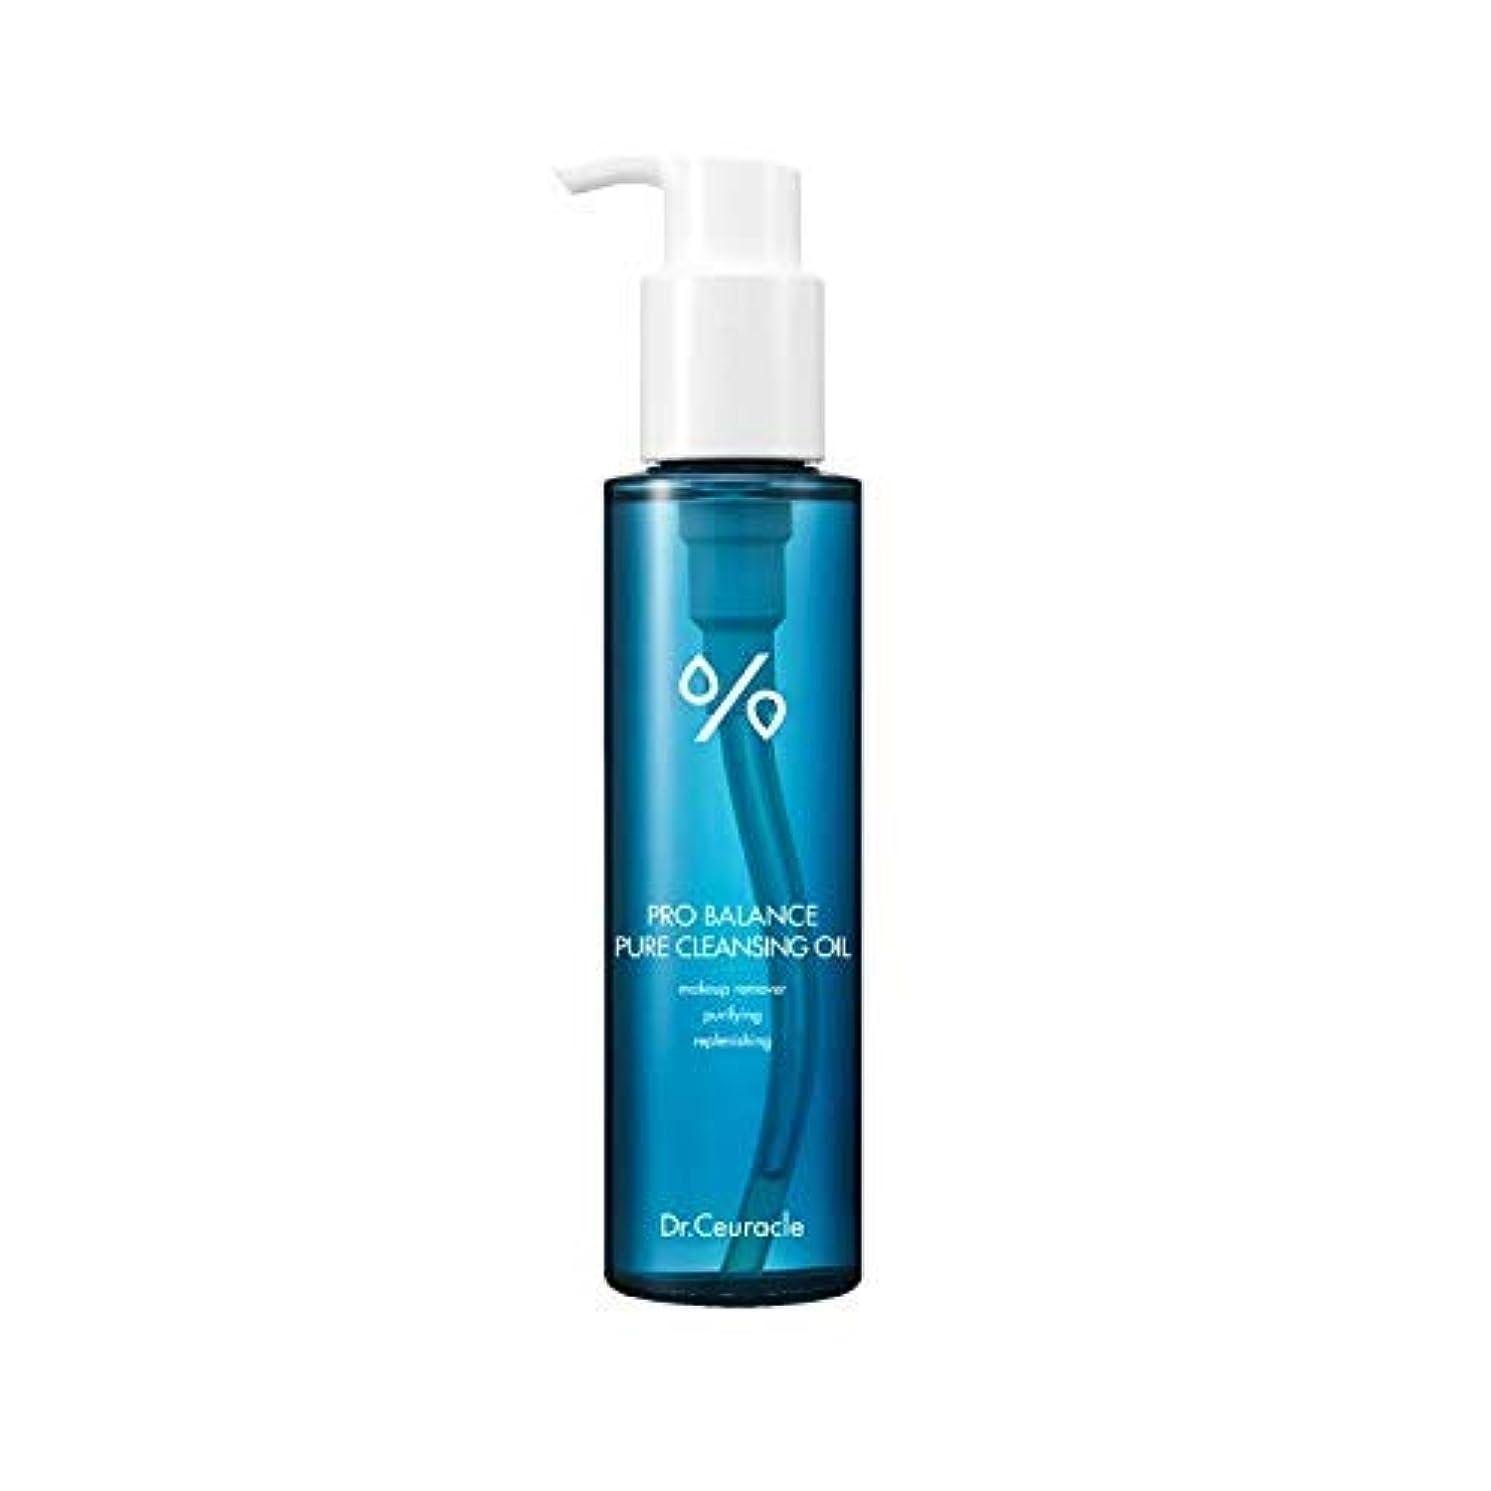 チャールズキージング肘トラップDr.Ceuracle[ドクター·シュラクル] プロ バランス ピュア クレンジング オイル/Pro Balance Pure Cleansing Oil (155ml) [並行輸入品]